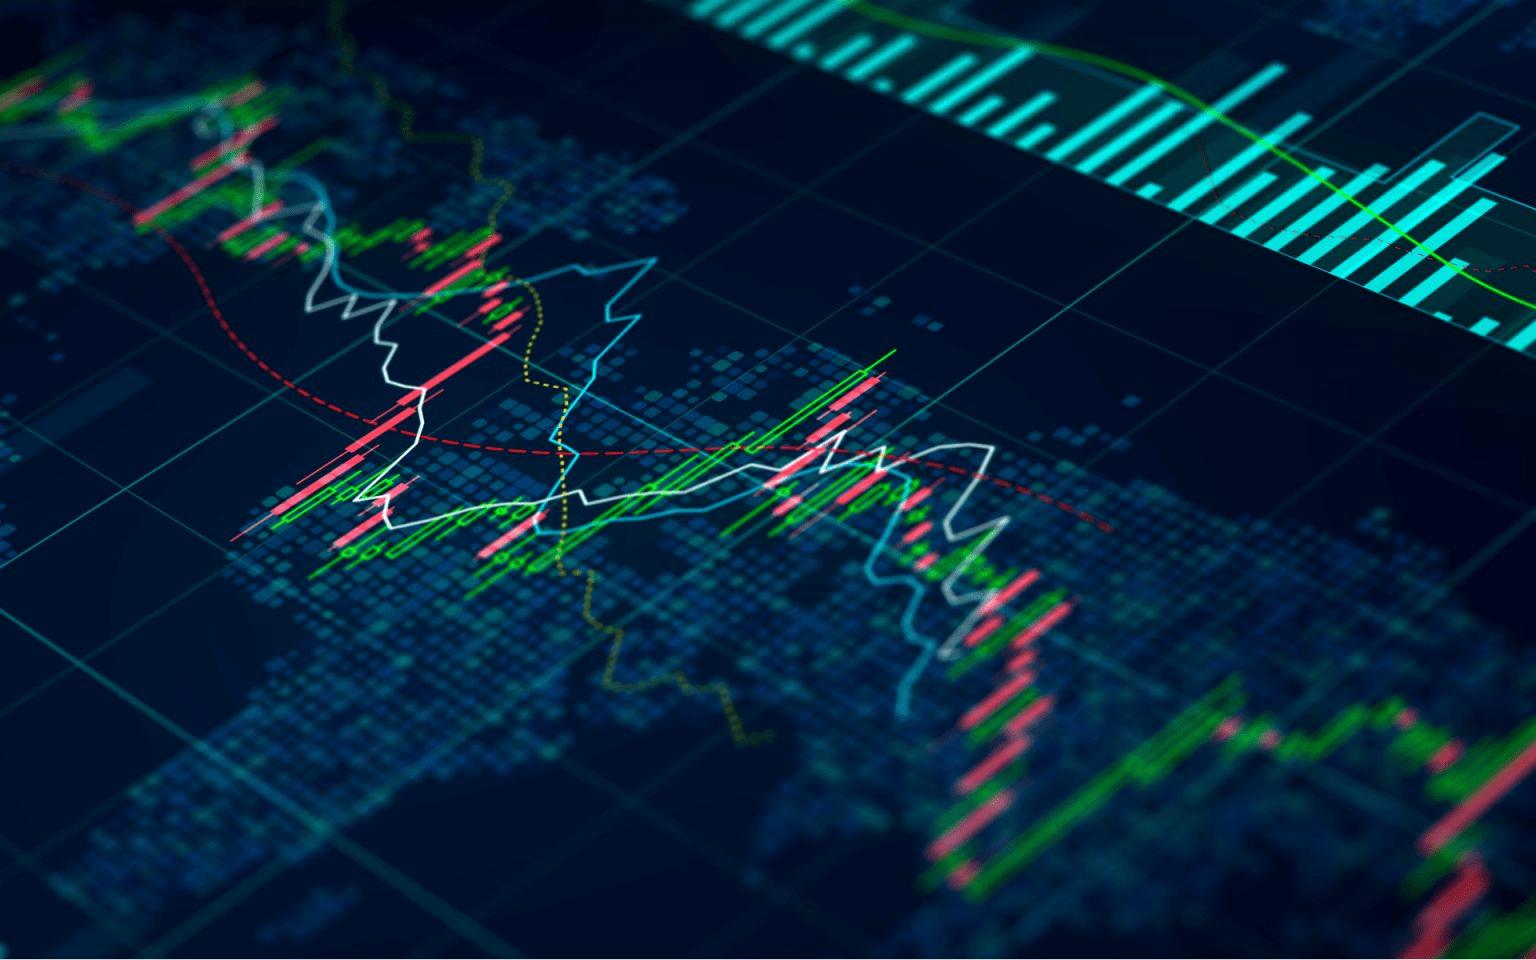 Рейтинг криптобирж. 10 лучших площадок в 2020 году